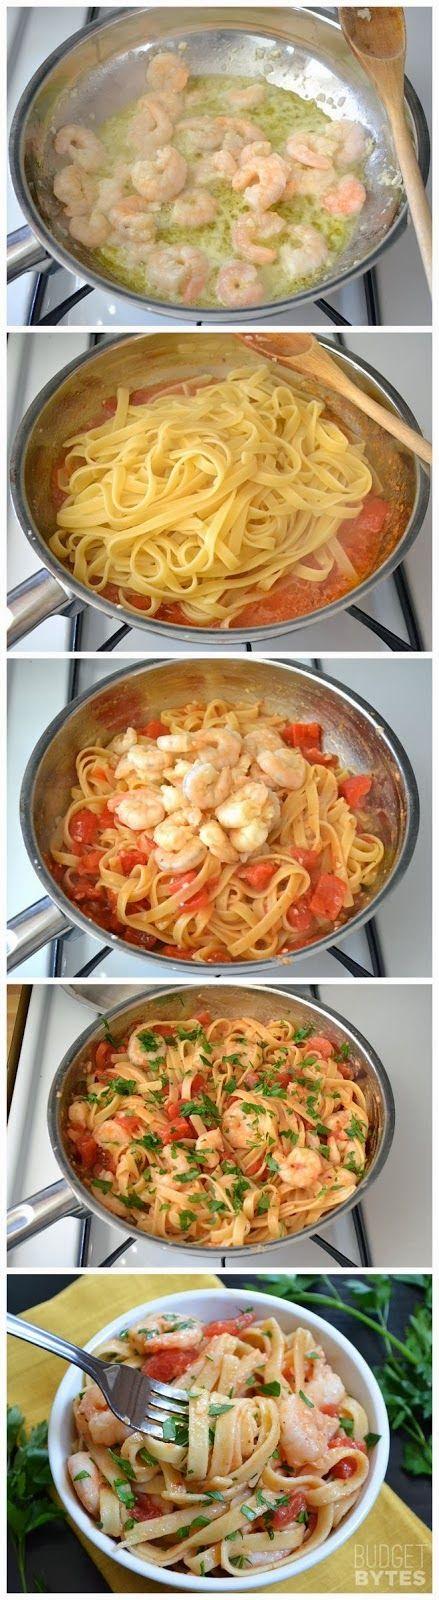 Spicy shrimp tomato pasta